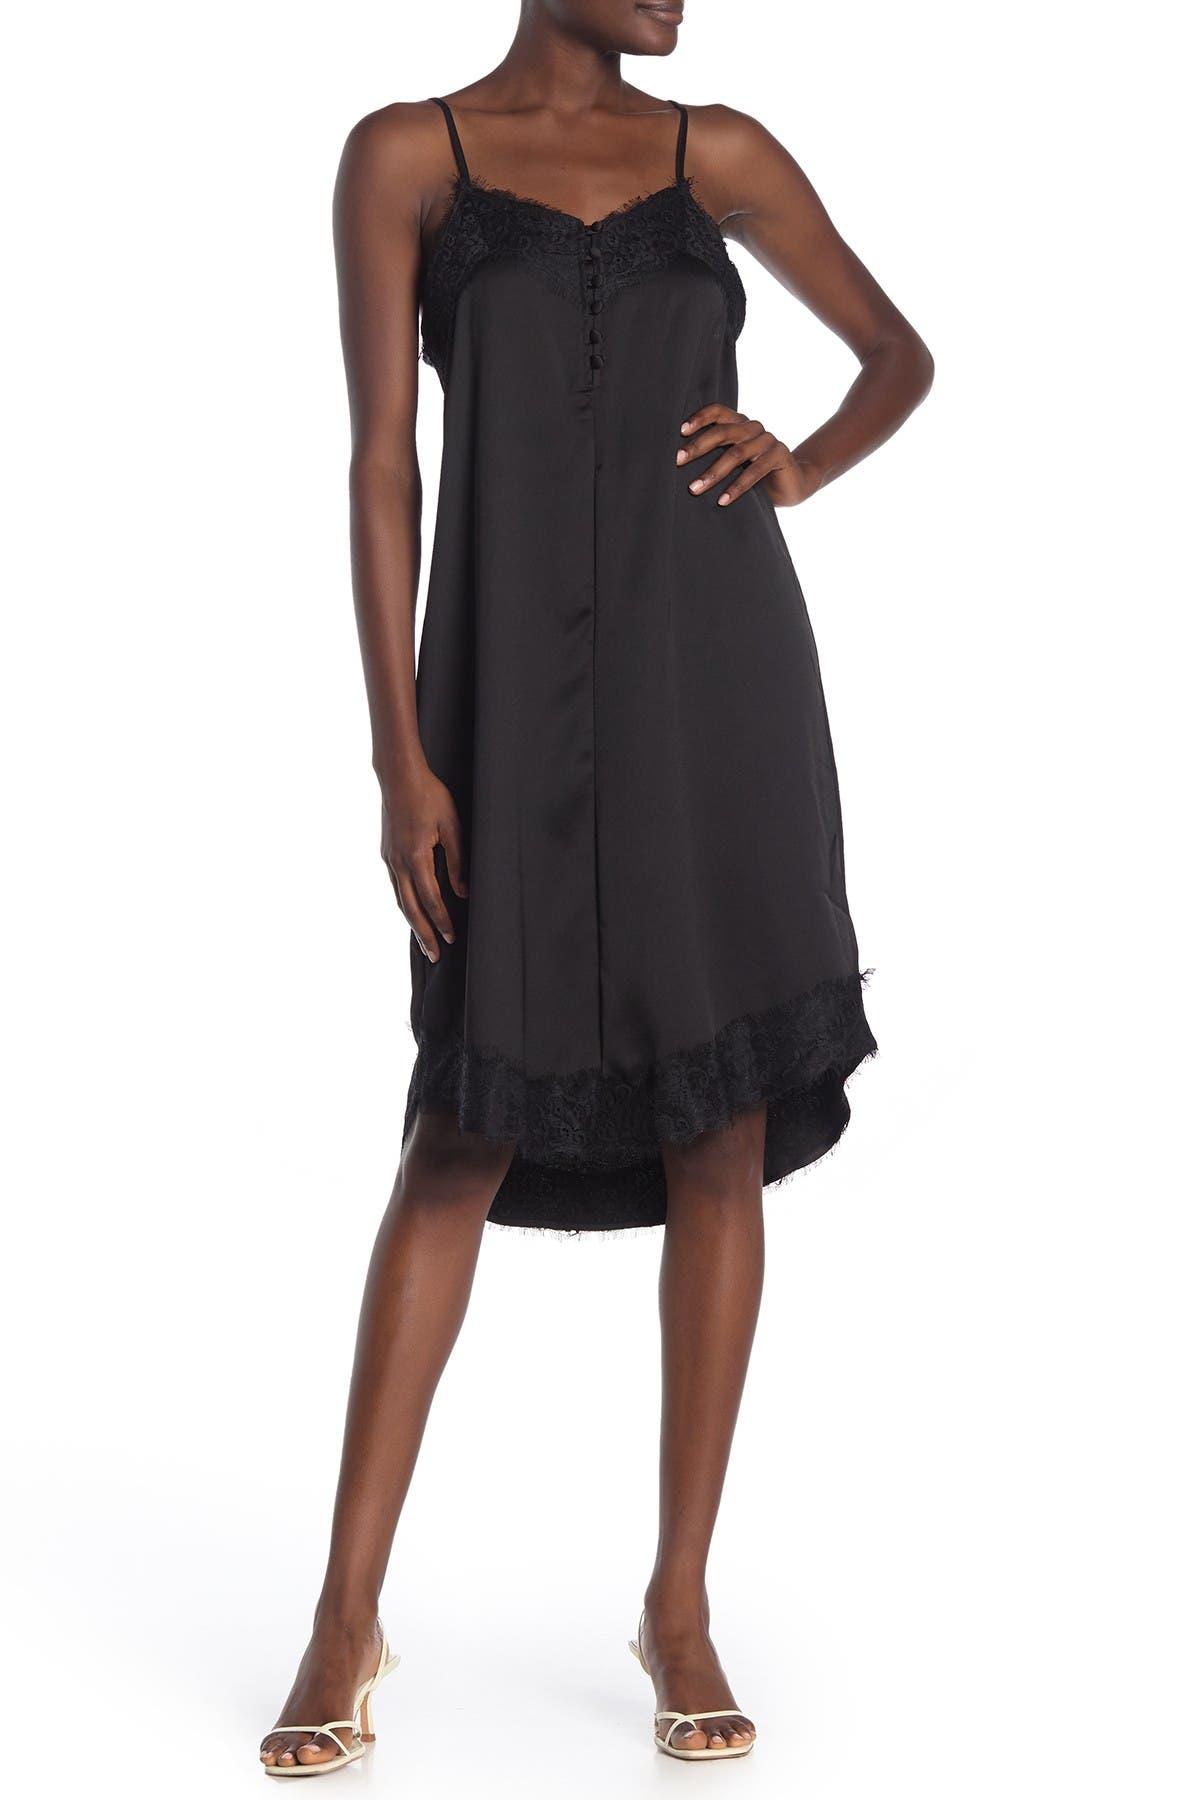 14TH PLACE Lace Trim Slip Dress